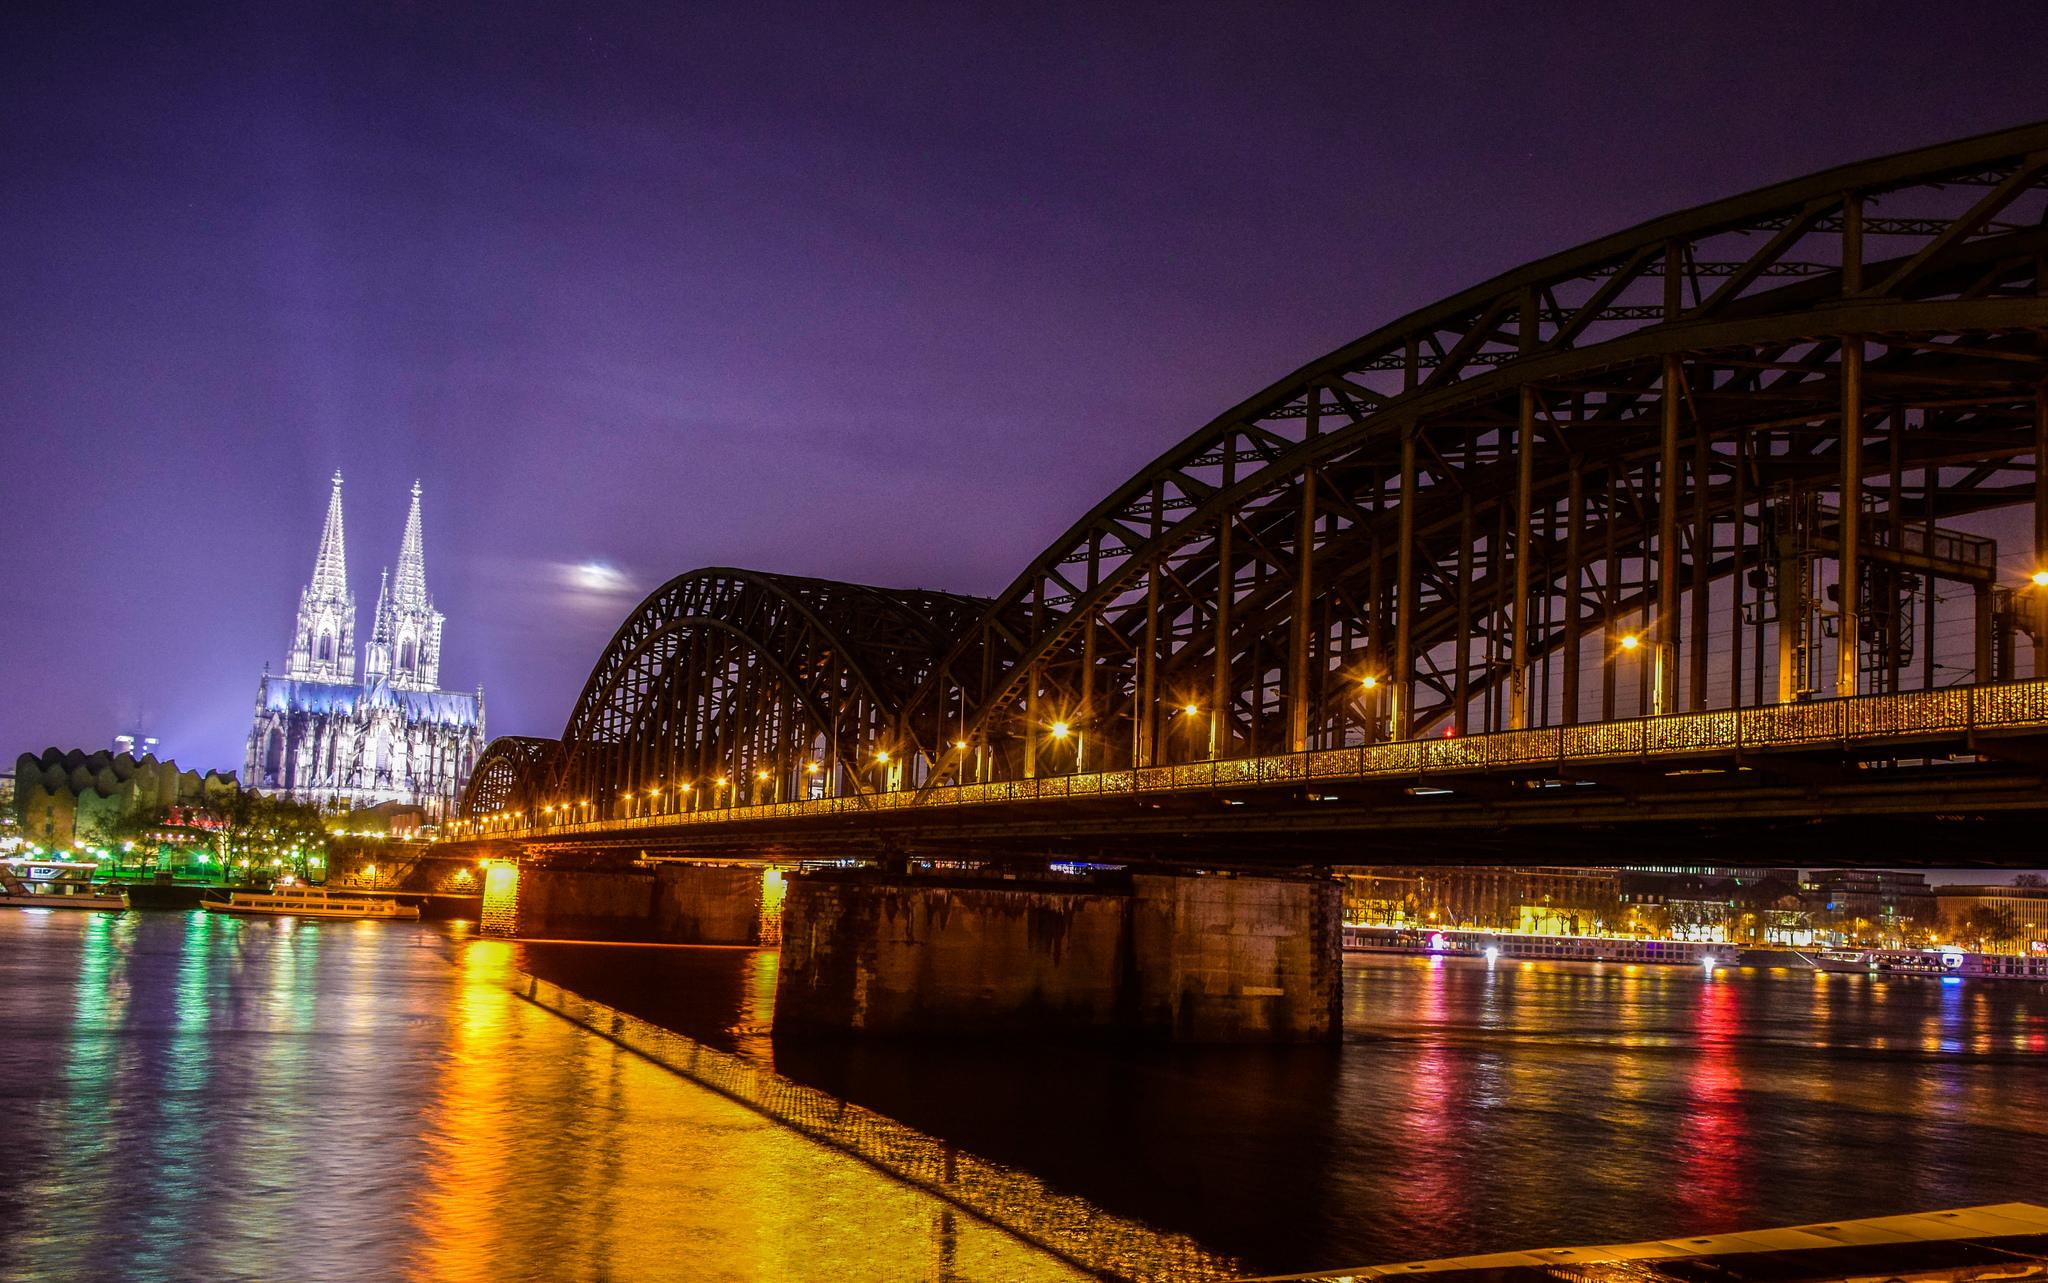 Αυτές είναι οι 8 ΤΟΠ πόλεις της Γερμανίας